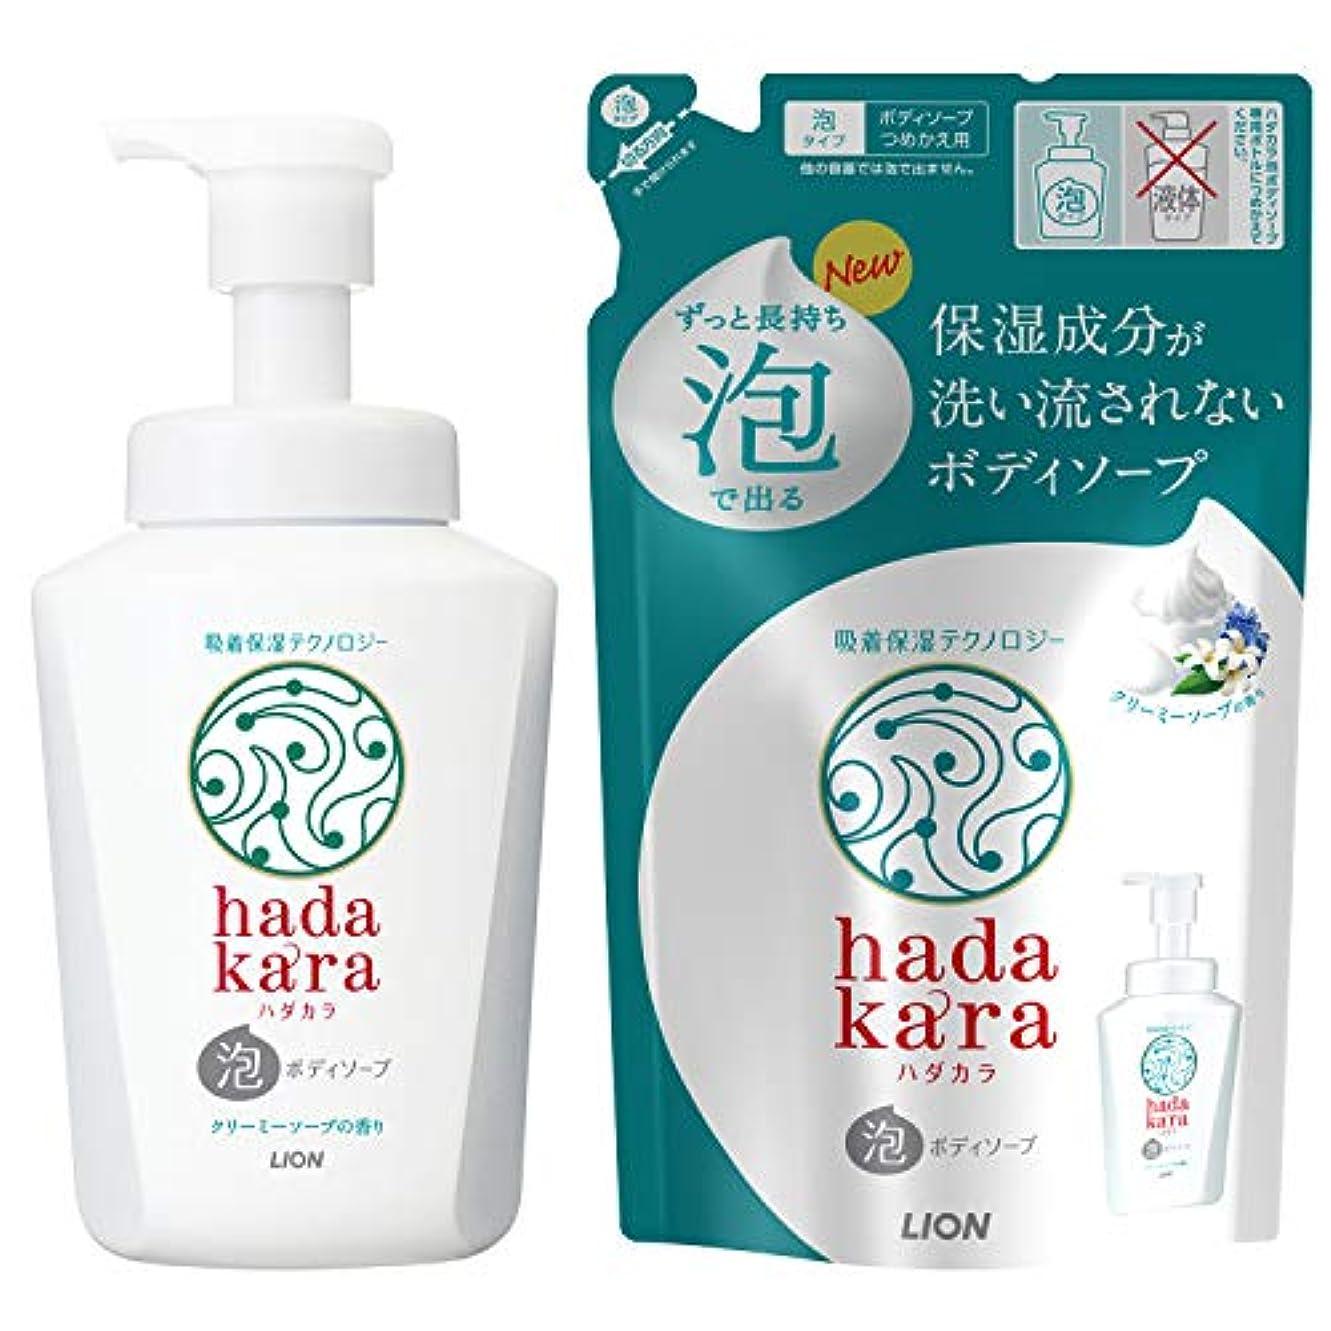 溶かす従順な和解するhadakara(ハダカラ) ボディソープ 泡タイプ クリーミーソープの香り 本体550ml+詰替440ml